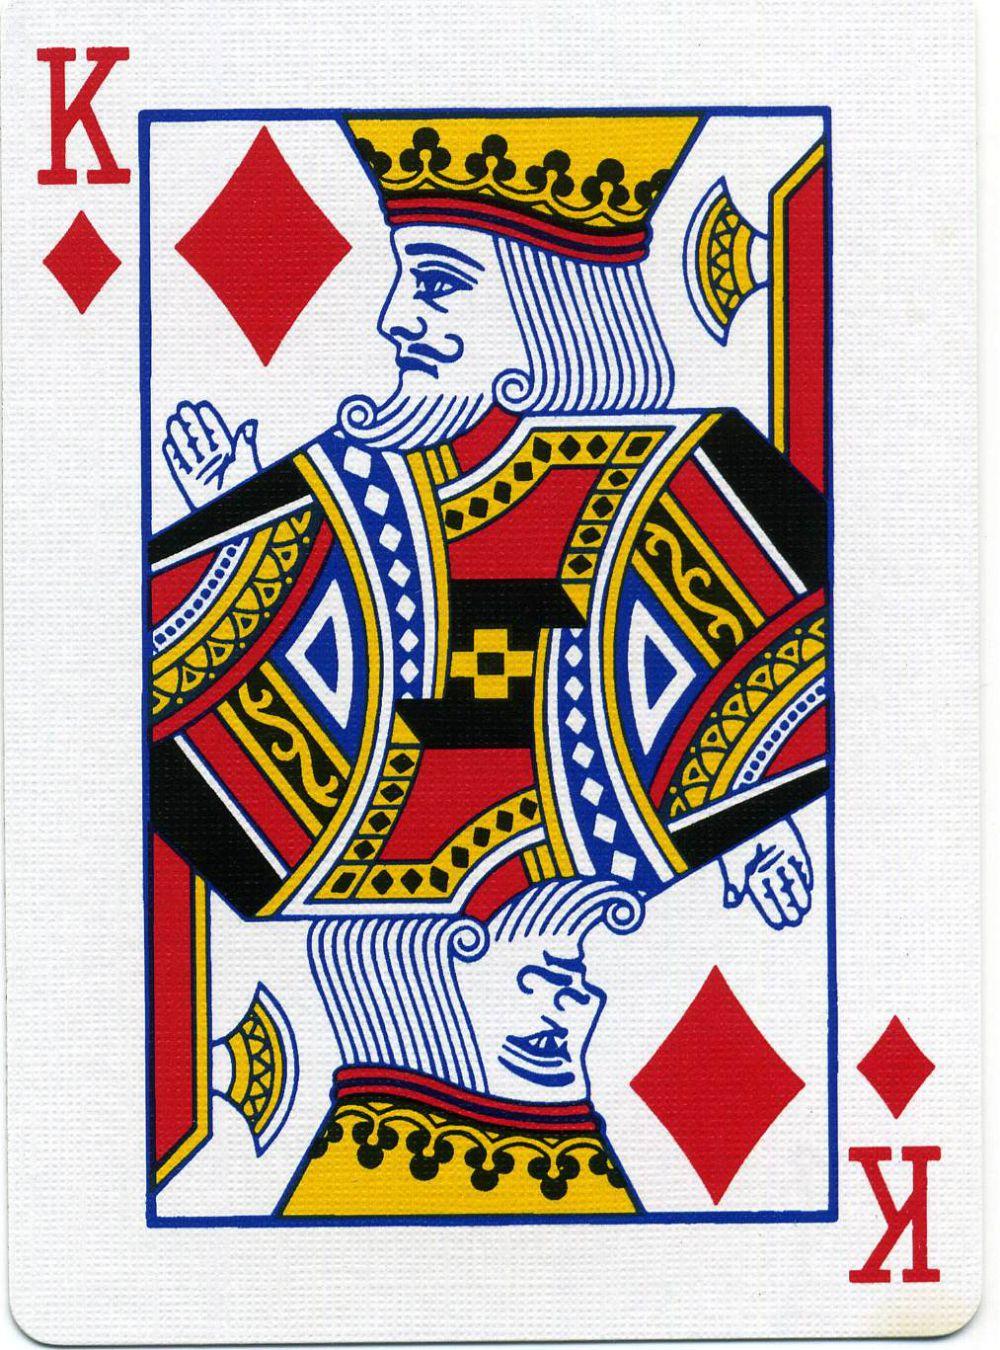 Image Result For Gambar Kartu King